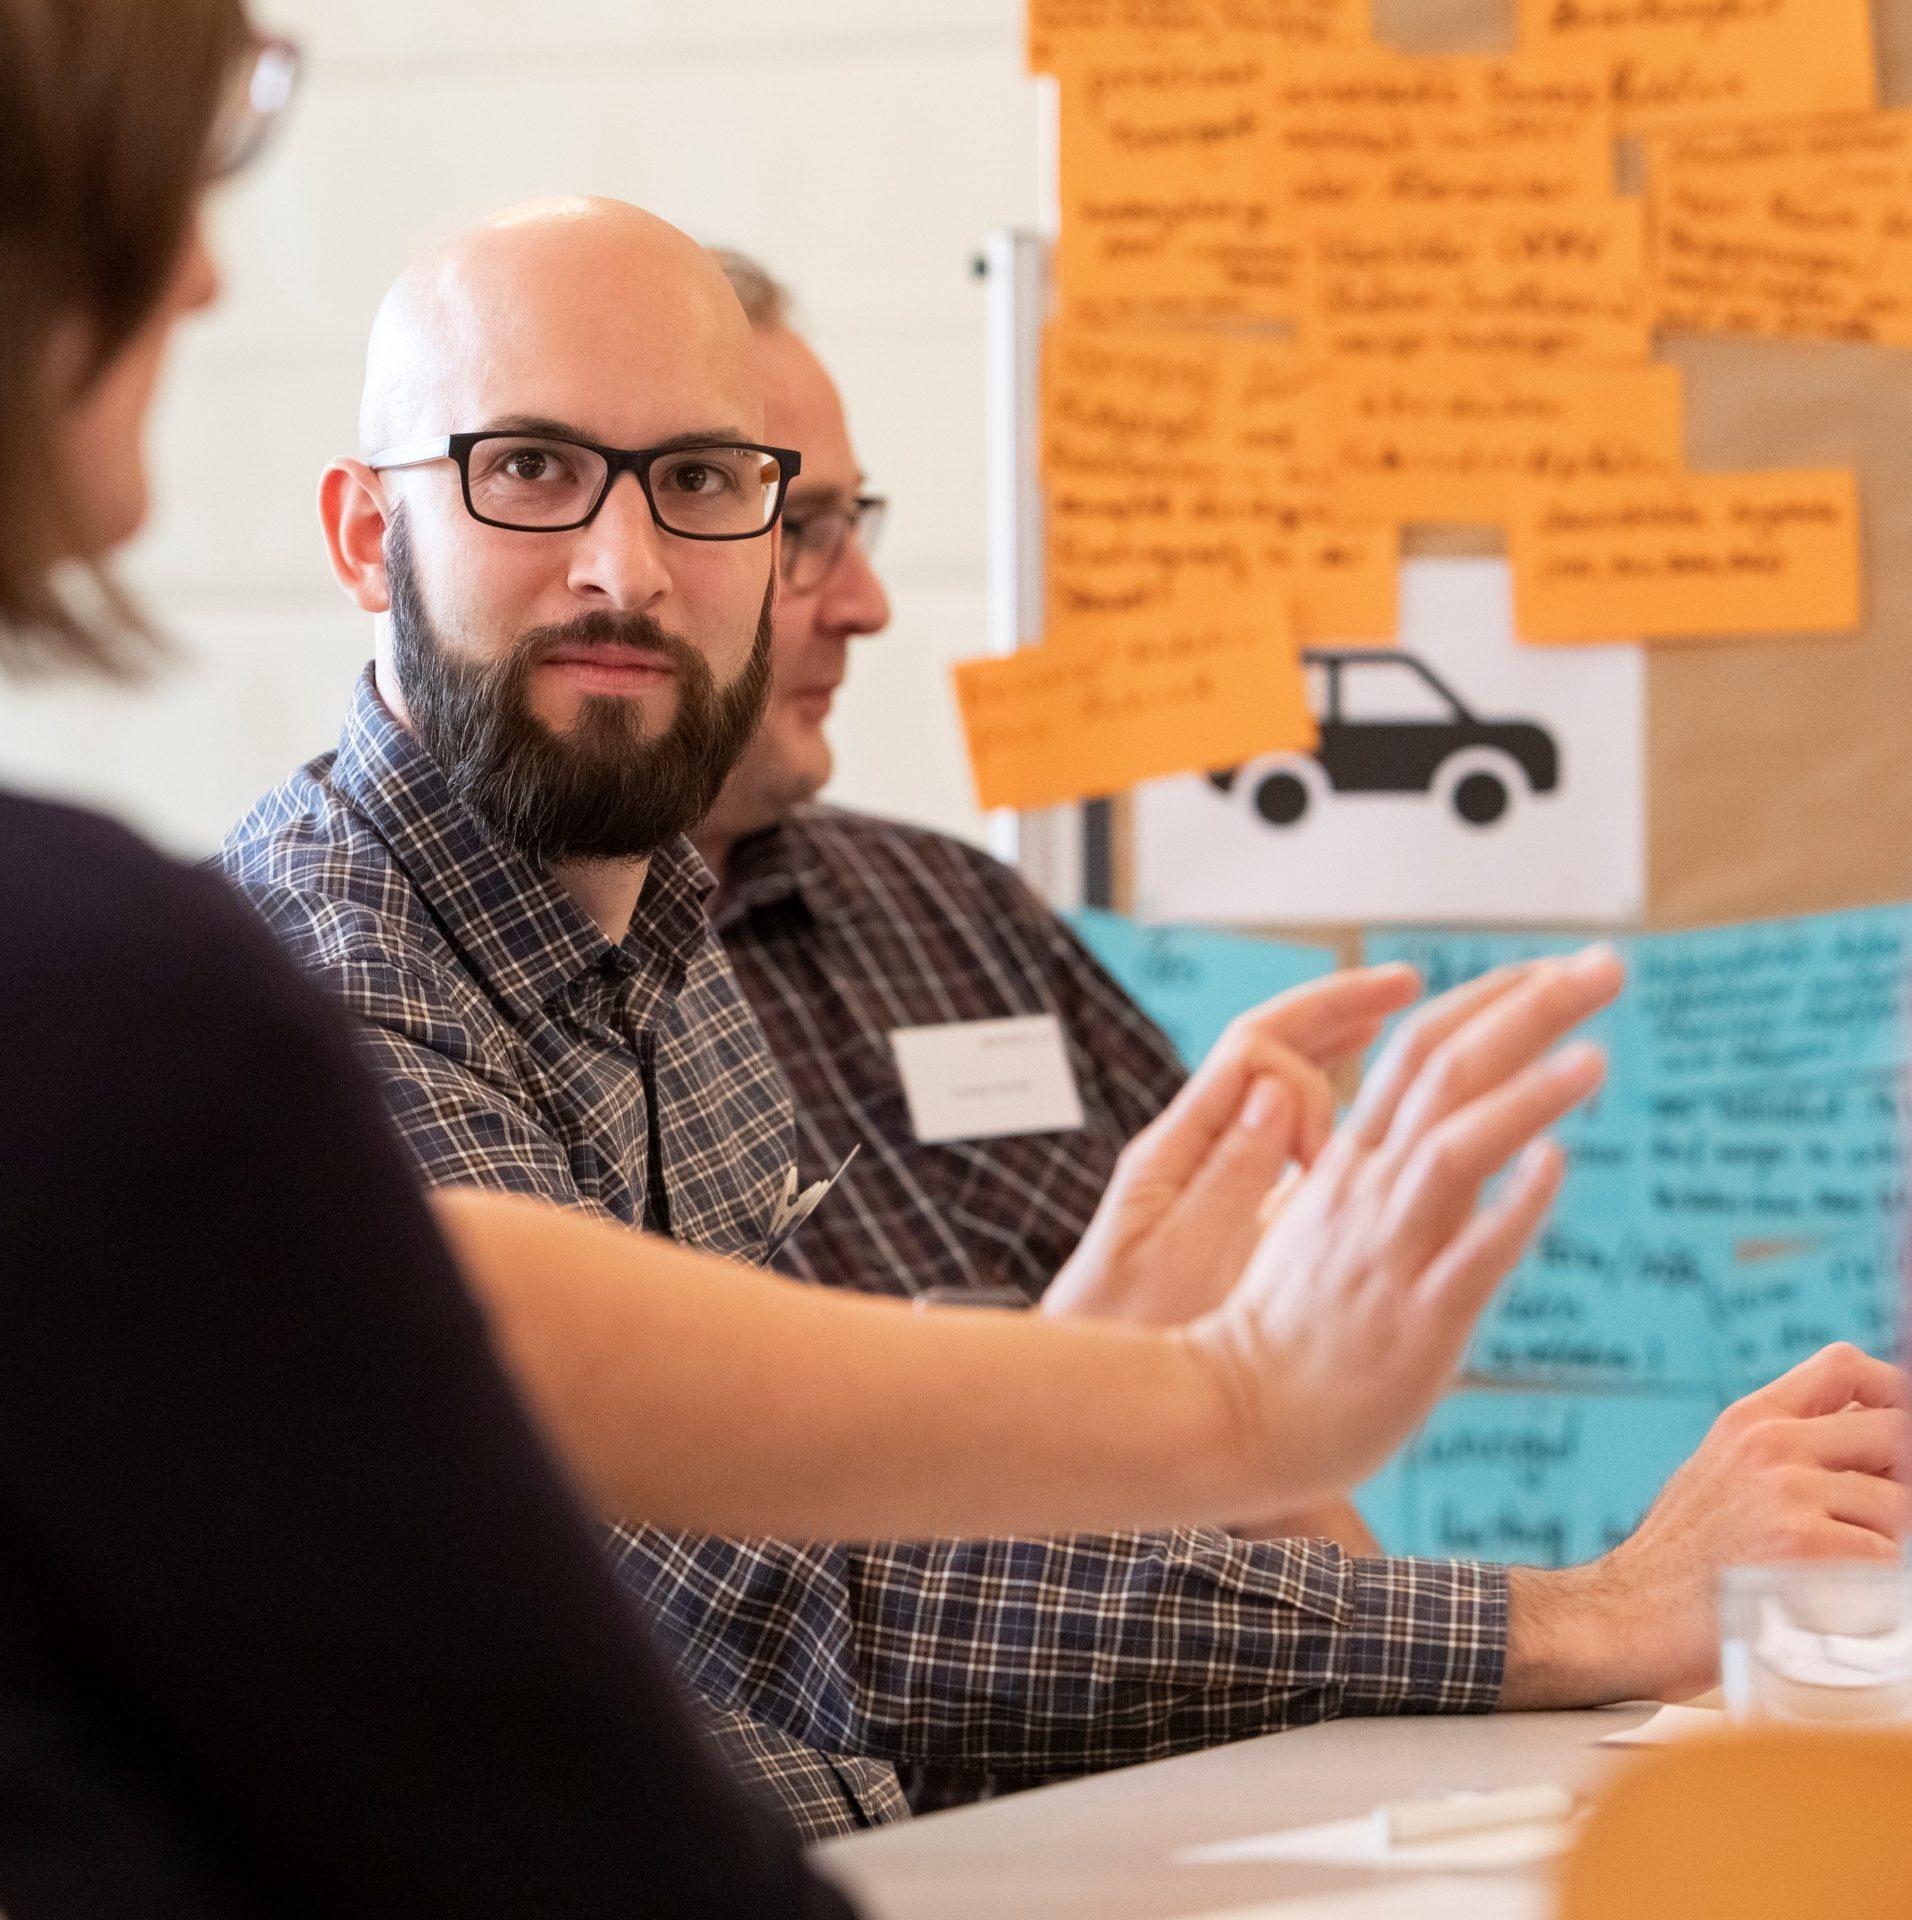 Teilnehmende an einem Beteiligungsformat diskutieren